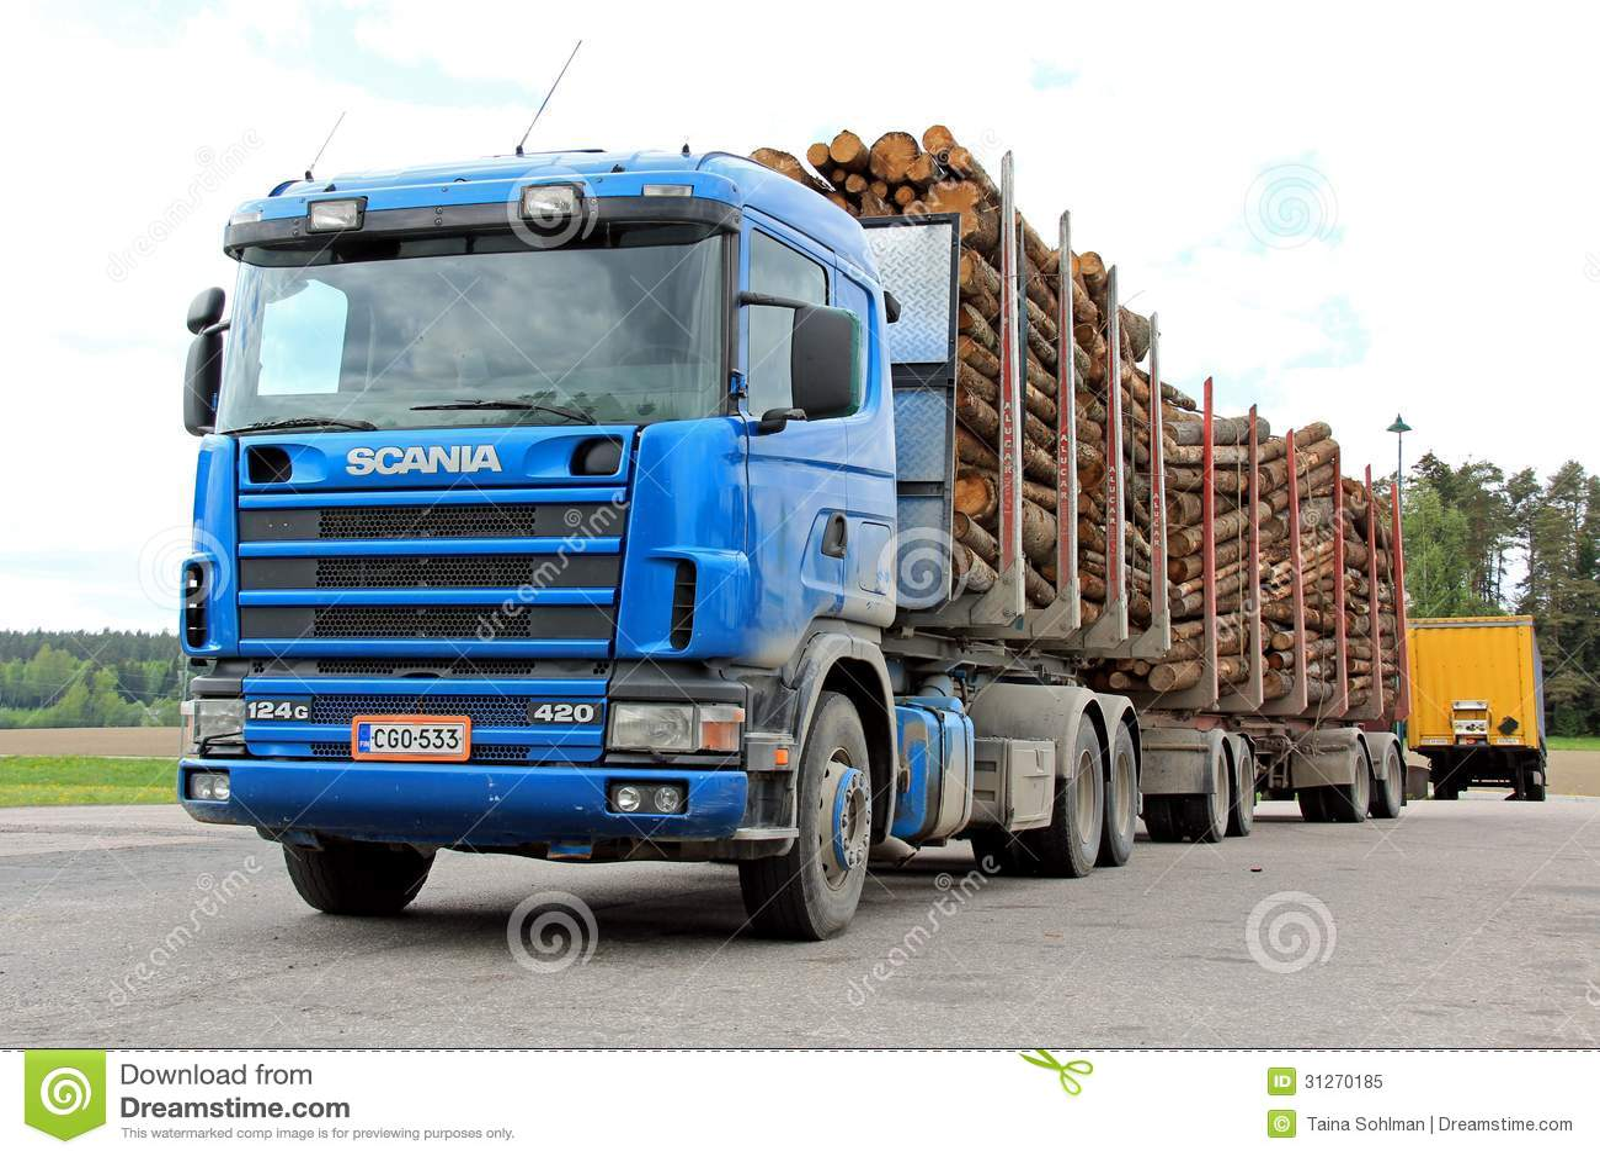 Scania 420 het Registreren Vrachtwagen met Houten Aanhangwagens